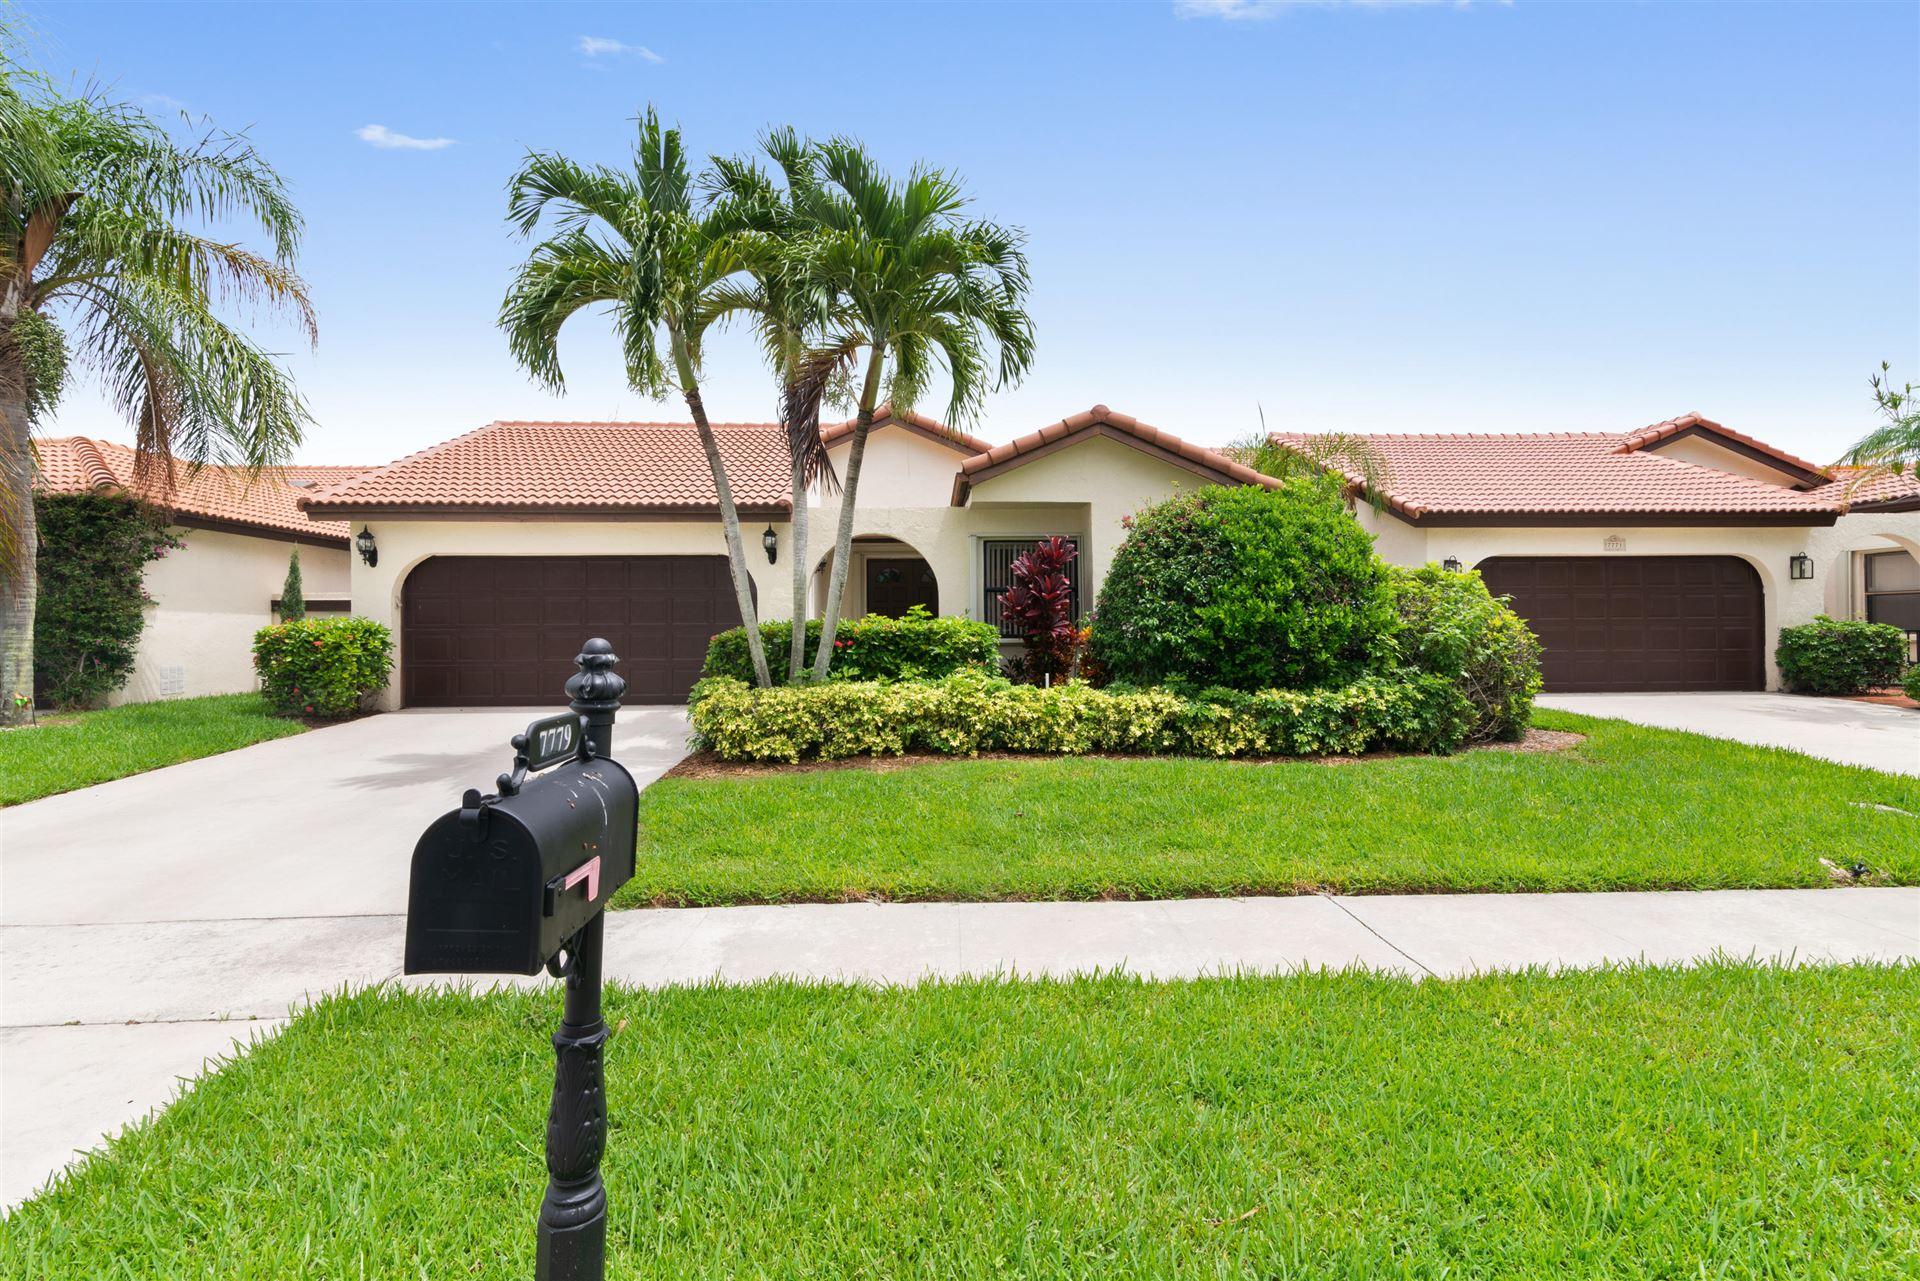 7779 Villa Nova Drive, Boca Raton, FL 33433 - MLS#: RX-10730273